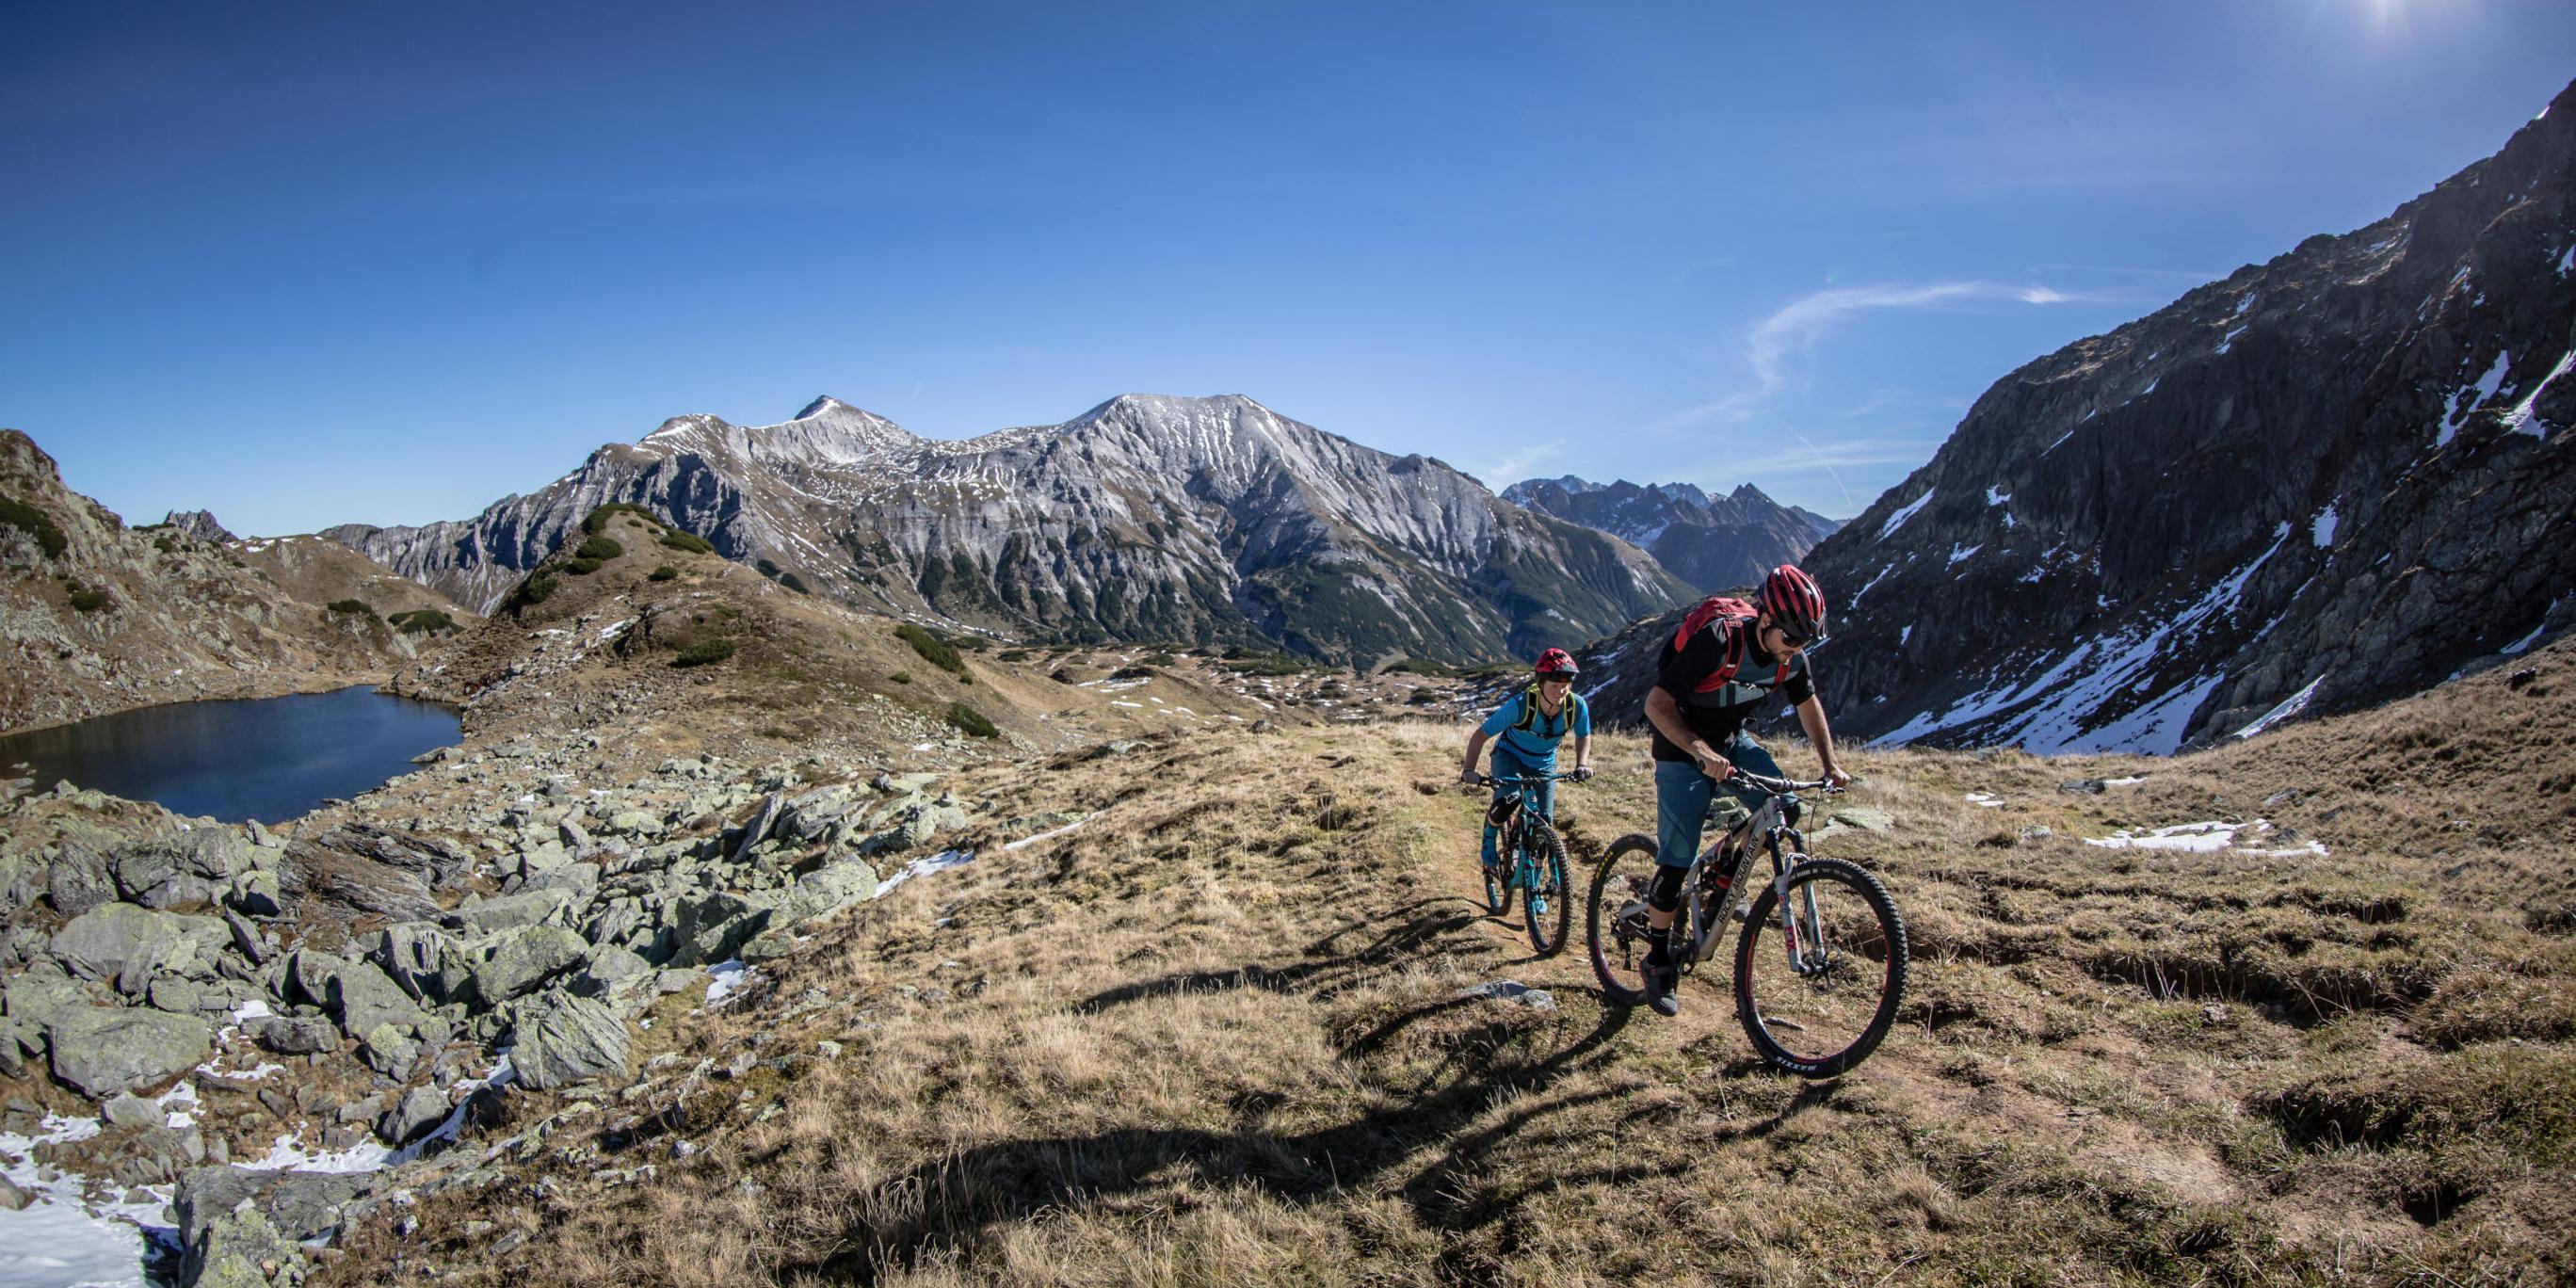 Mountainbike-Tour Stoneman Taurista MTB echte Alpenpass-Querung Oberhütte nach Obertauern Salzburger Land (Österreich)